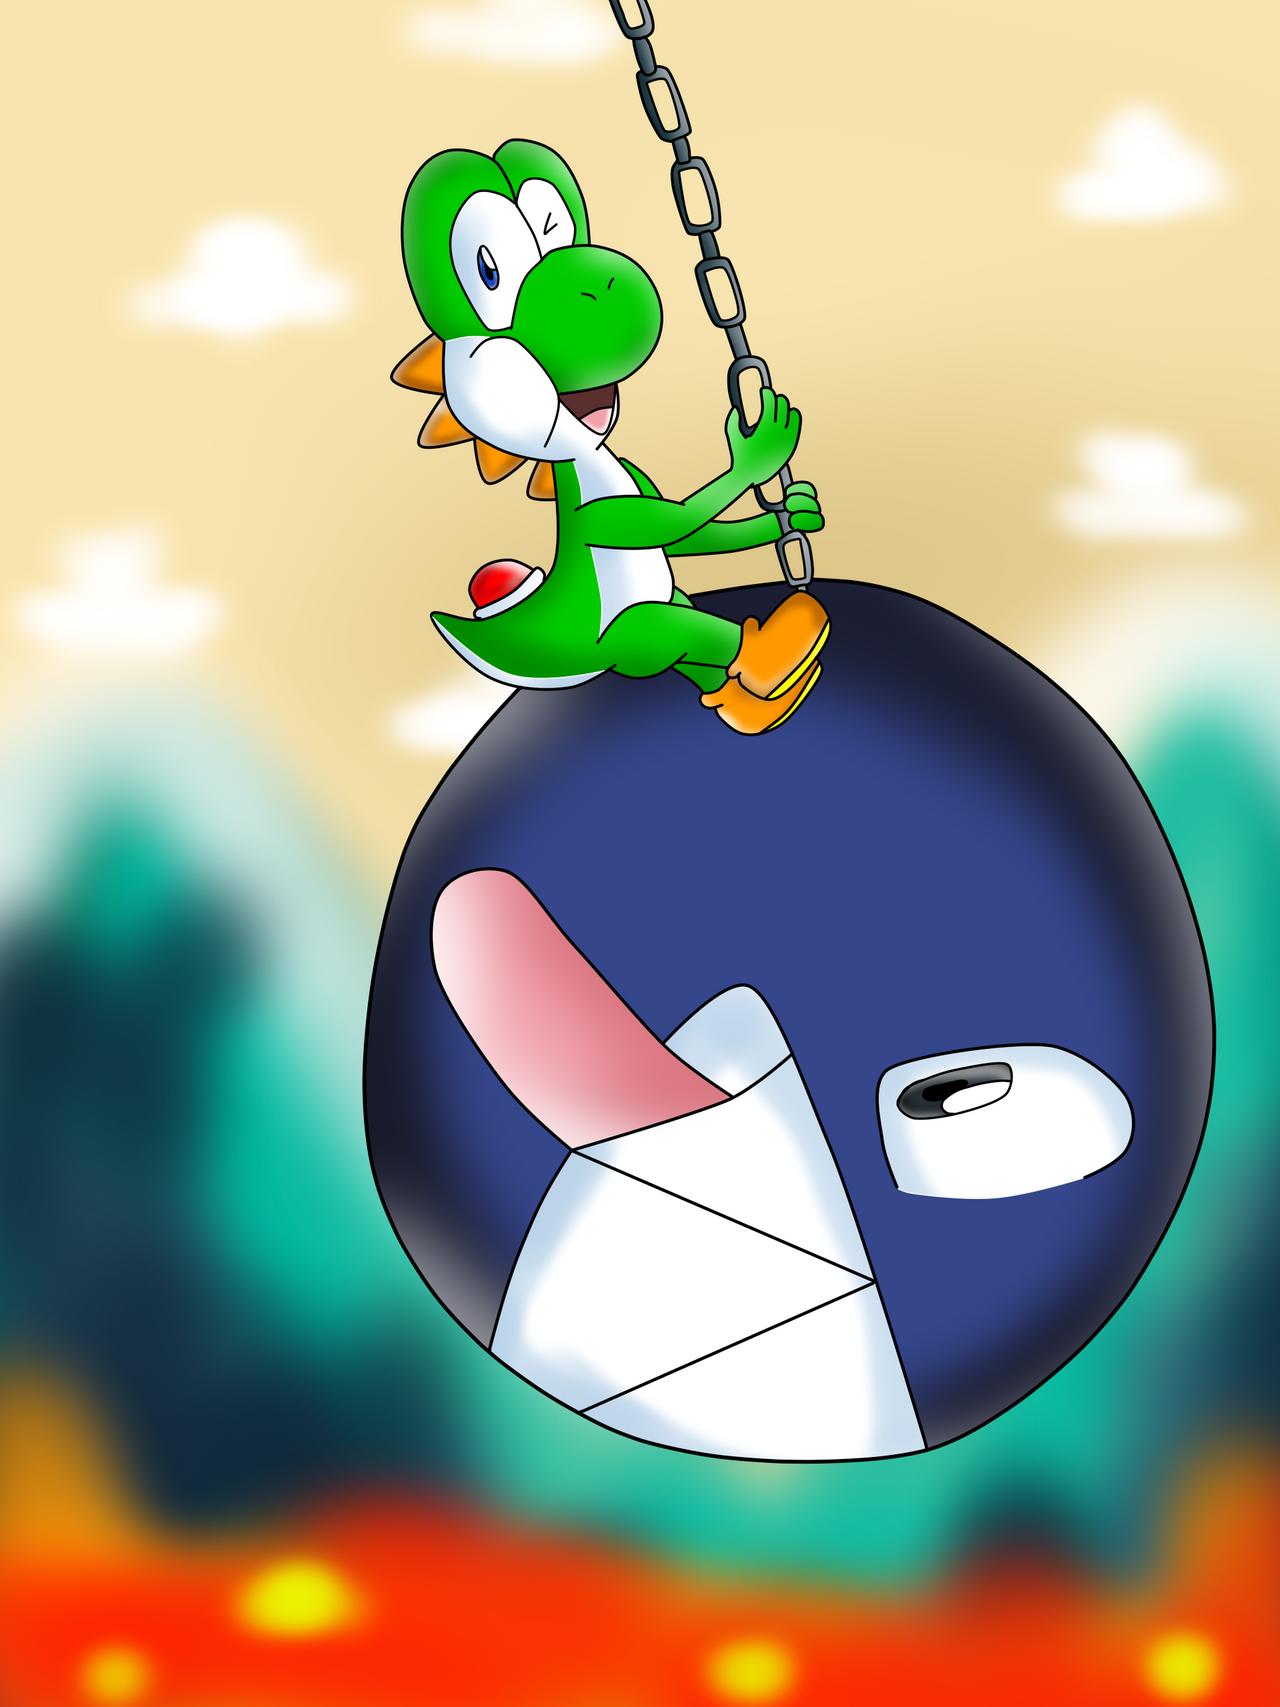 Yoshi's Chain Chomp Wrecking Ball by DarkraDx on DeviantArt